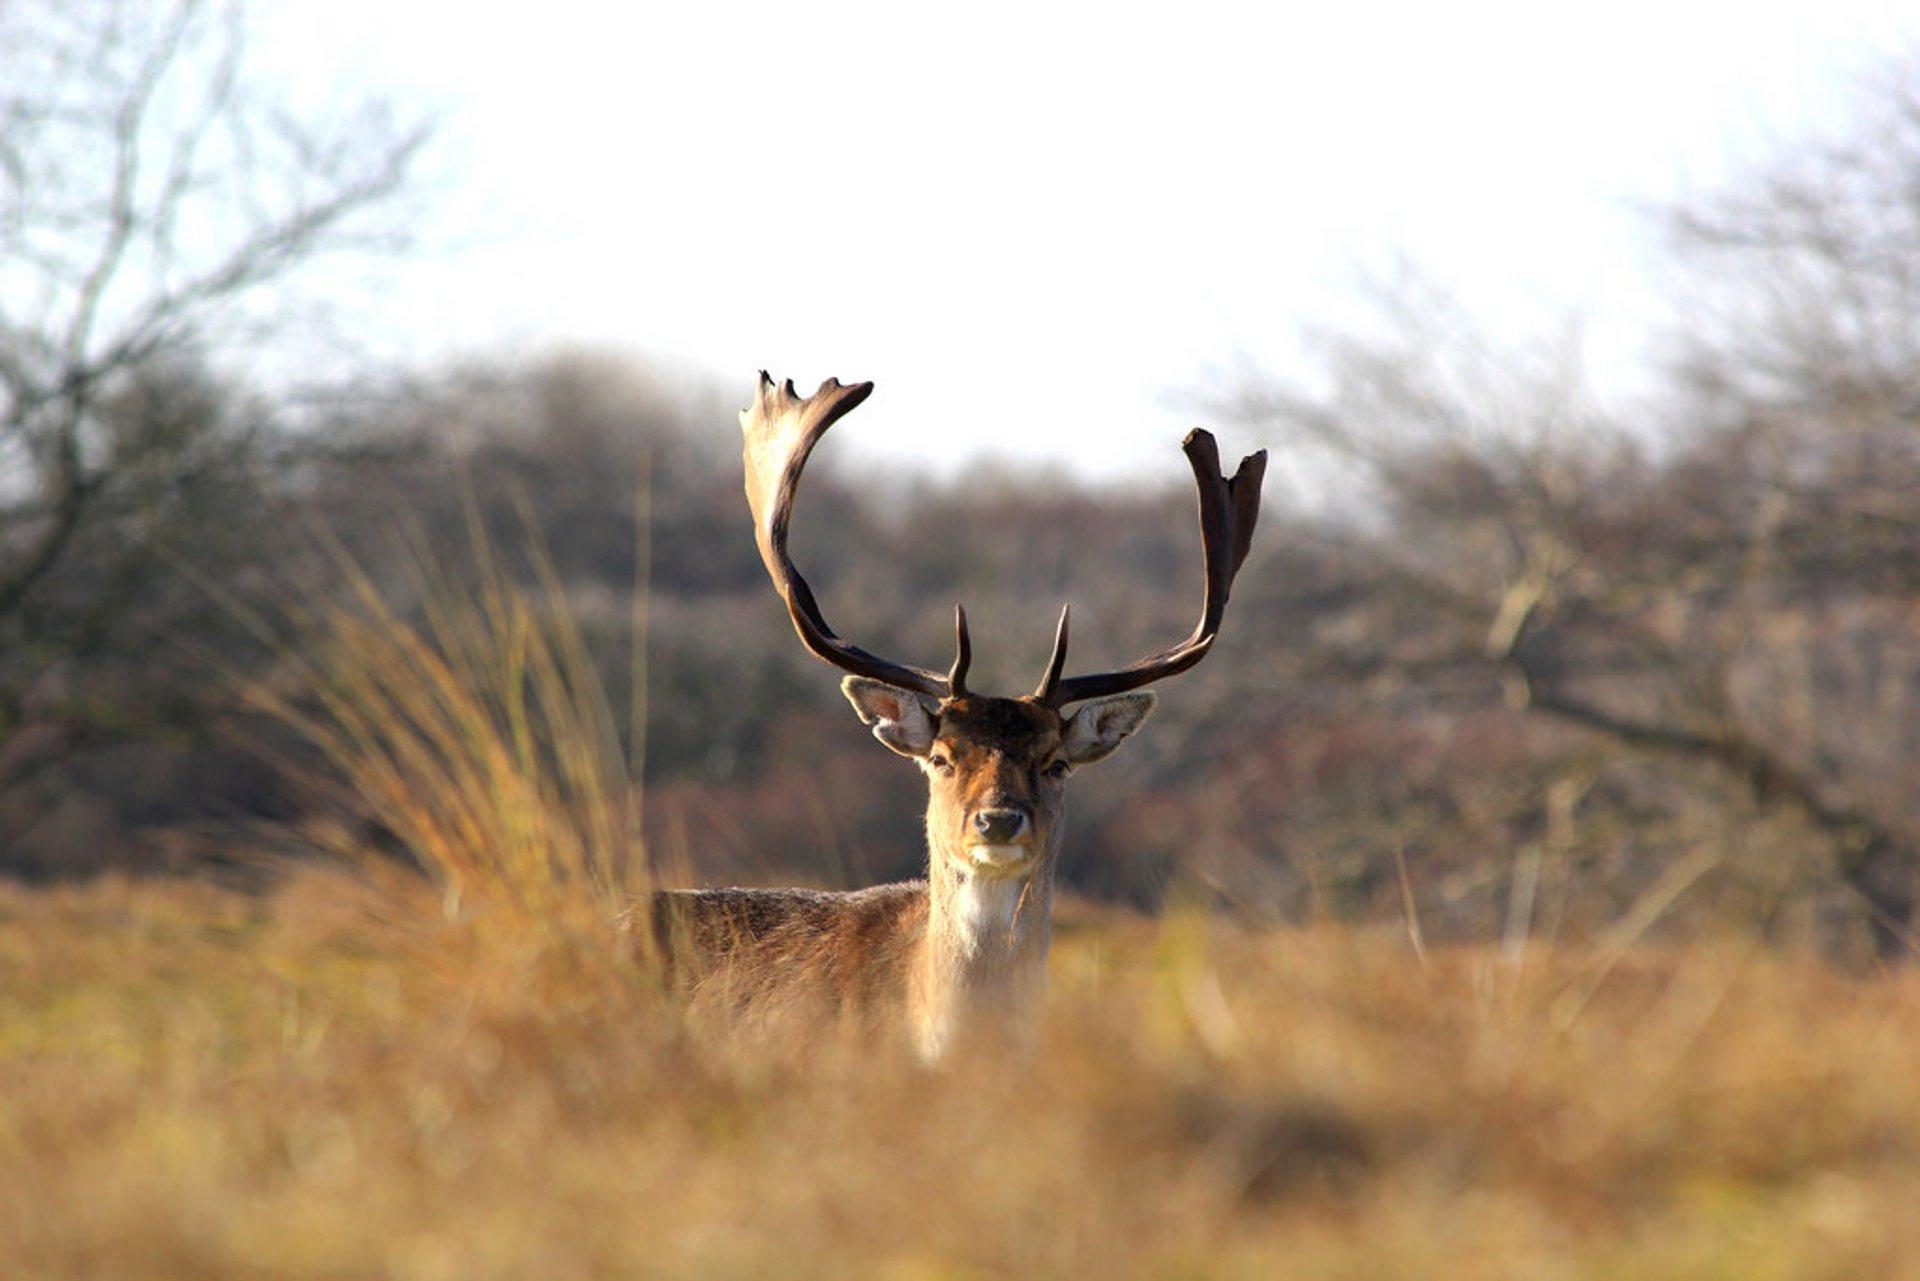 Deer at Zandvoort aan Zee in The Netherlands 2020 - Best Time